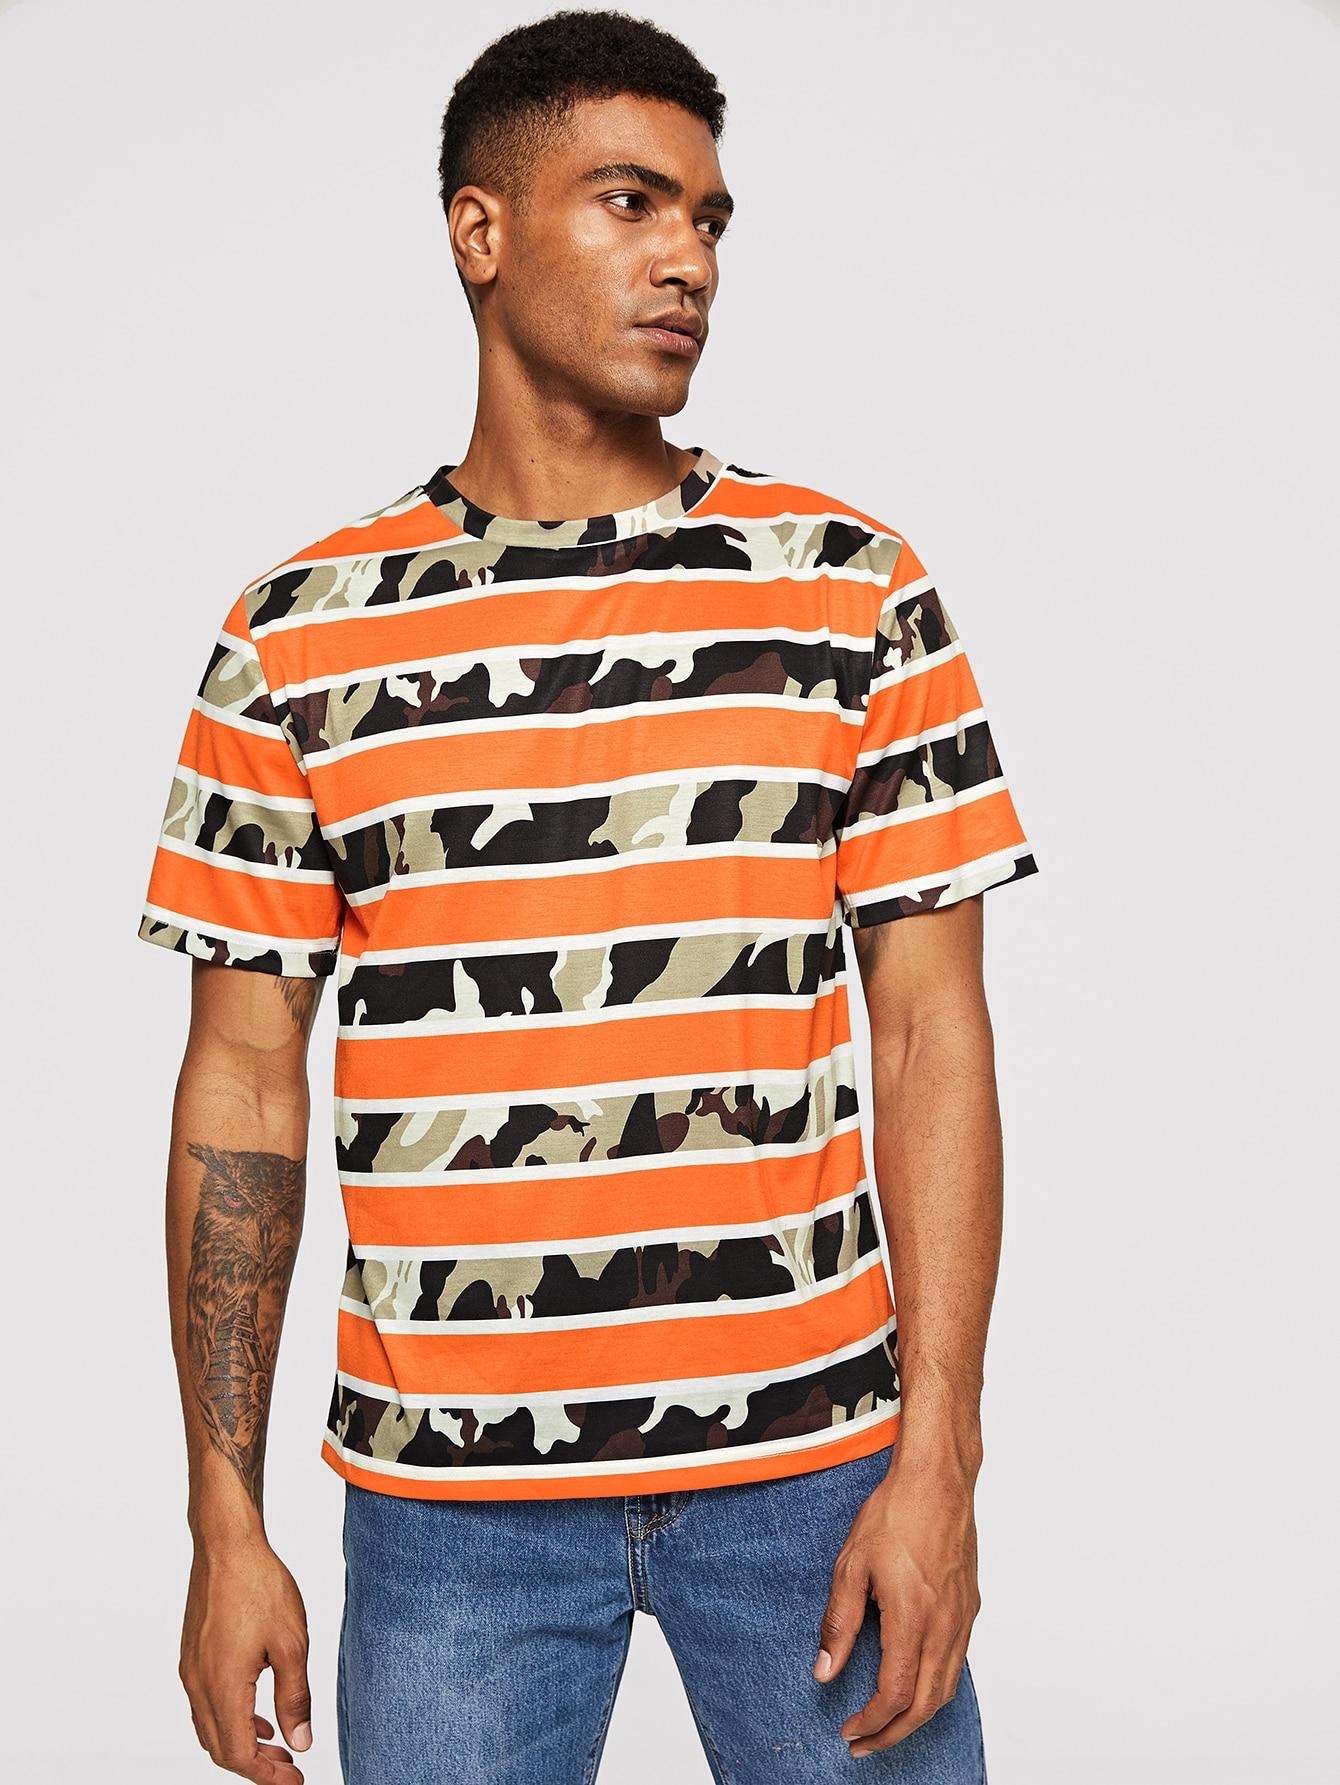 Купить Мужская футболка с камуфляжной полосатой, Johnn Silva, SheIn